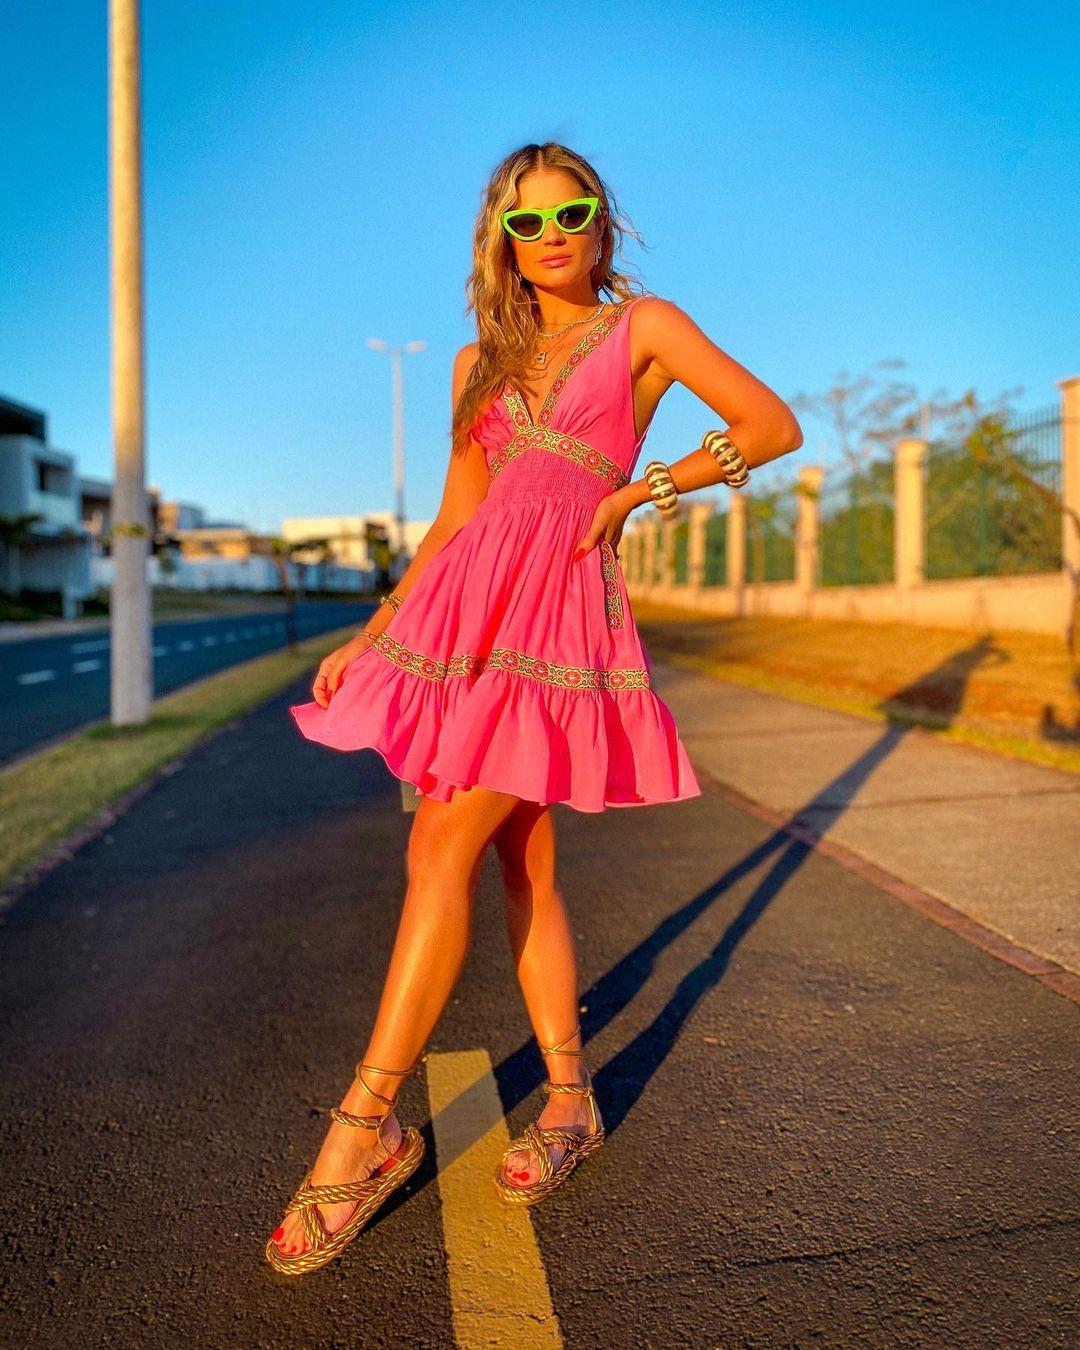 1612584561 707 echa un vistazo a las opciones para comprar y 30 - 40 modelos de vestidos rosas para un look que no pasa desapercibido